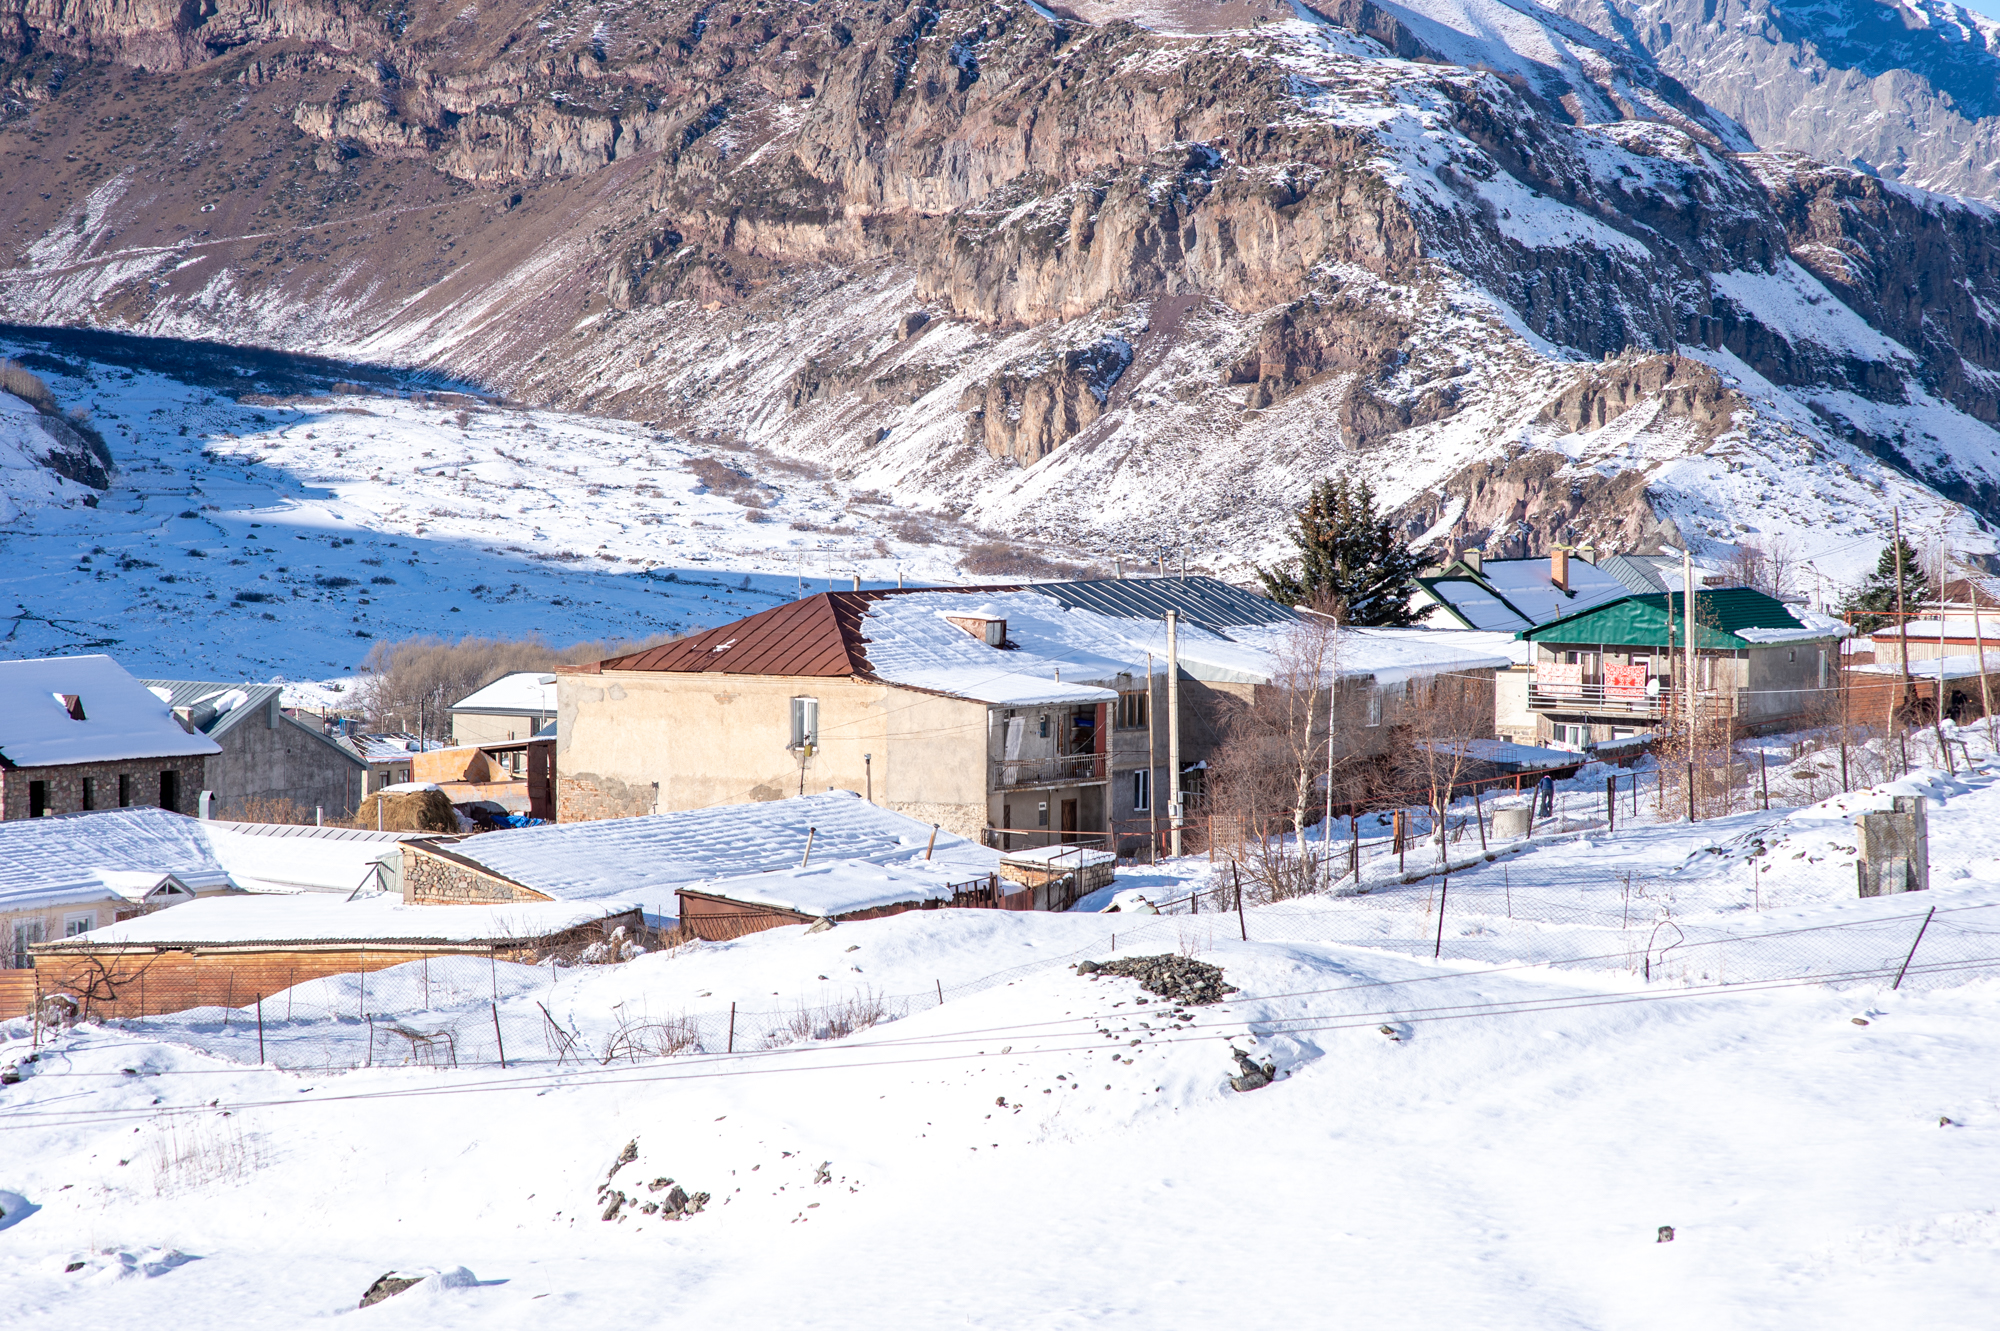 原创             卡兹别克,格鲁吉亚著名的旅游胜地,雪山脚下的小镇宛若世外桃源